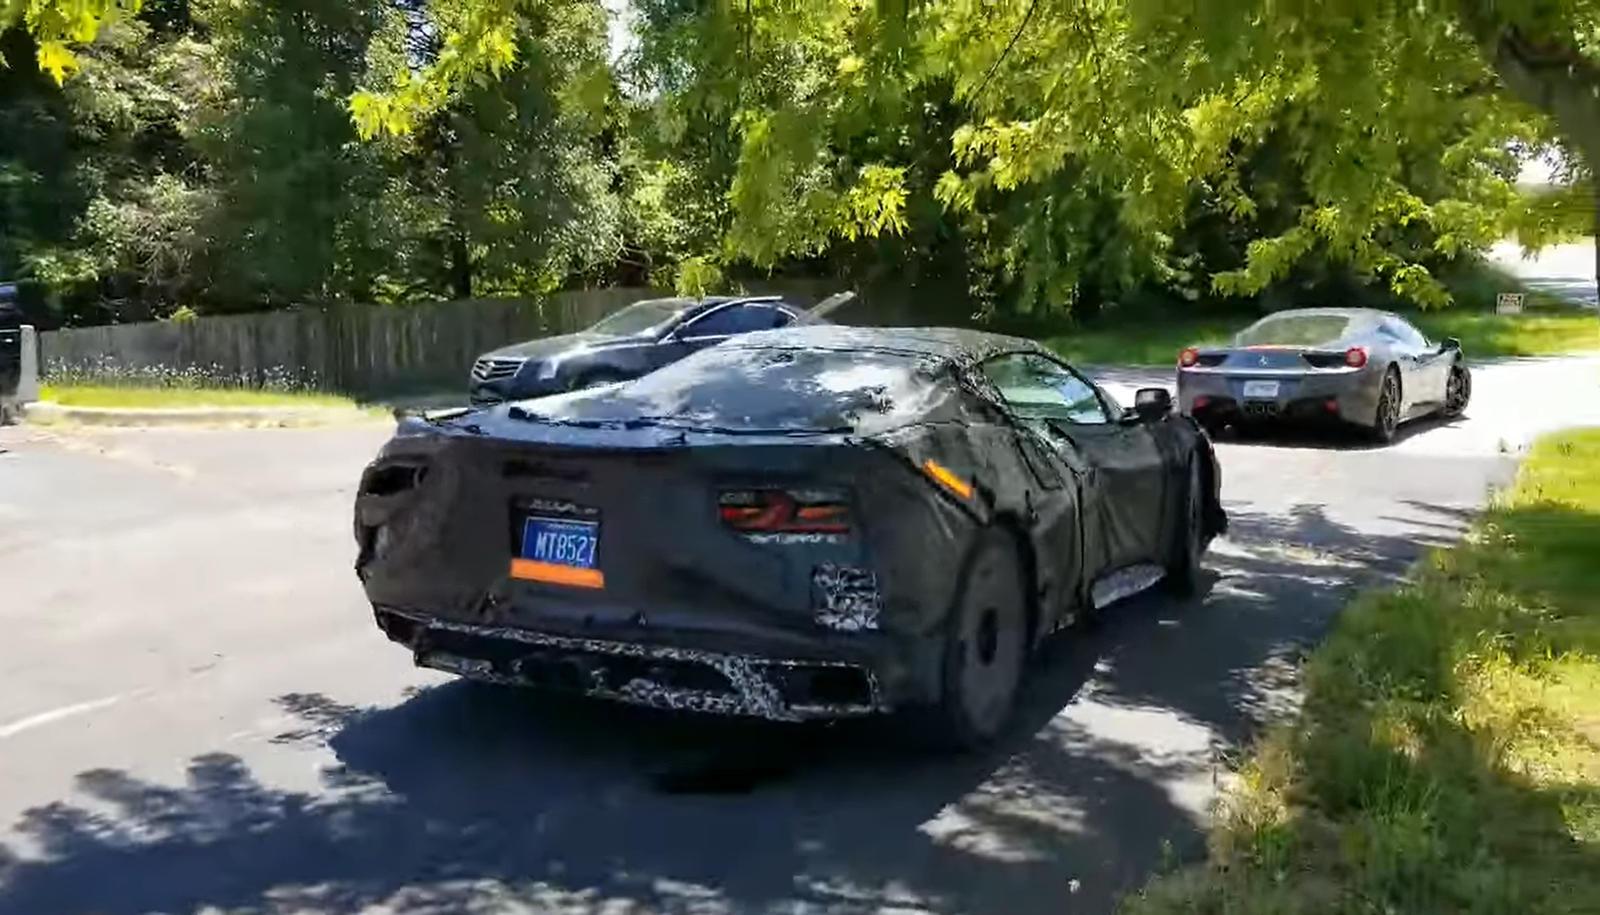 По мере того, как производство нового 2020 Chevrolet Corvette C8 среднего класса возобновляется на сборочном заводе GM в Боулинг-Грин, штат Кентукки, команда Corvette нацеливается на следующий важный этап: Corvette Z06.